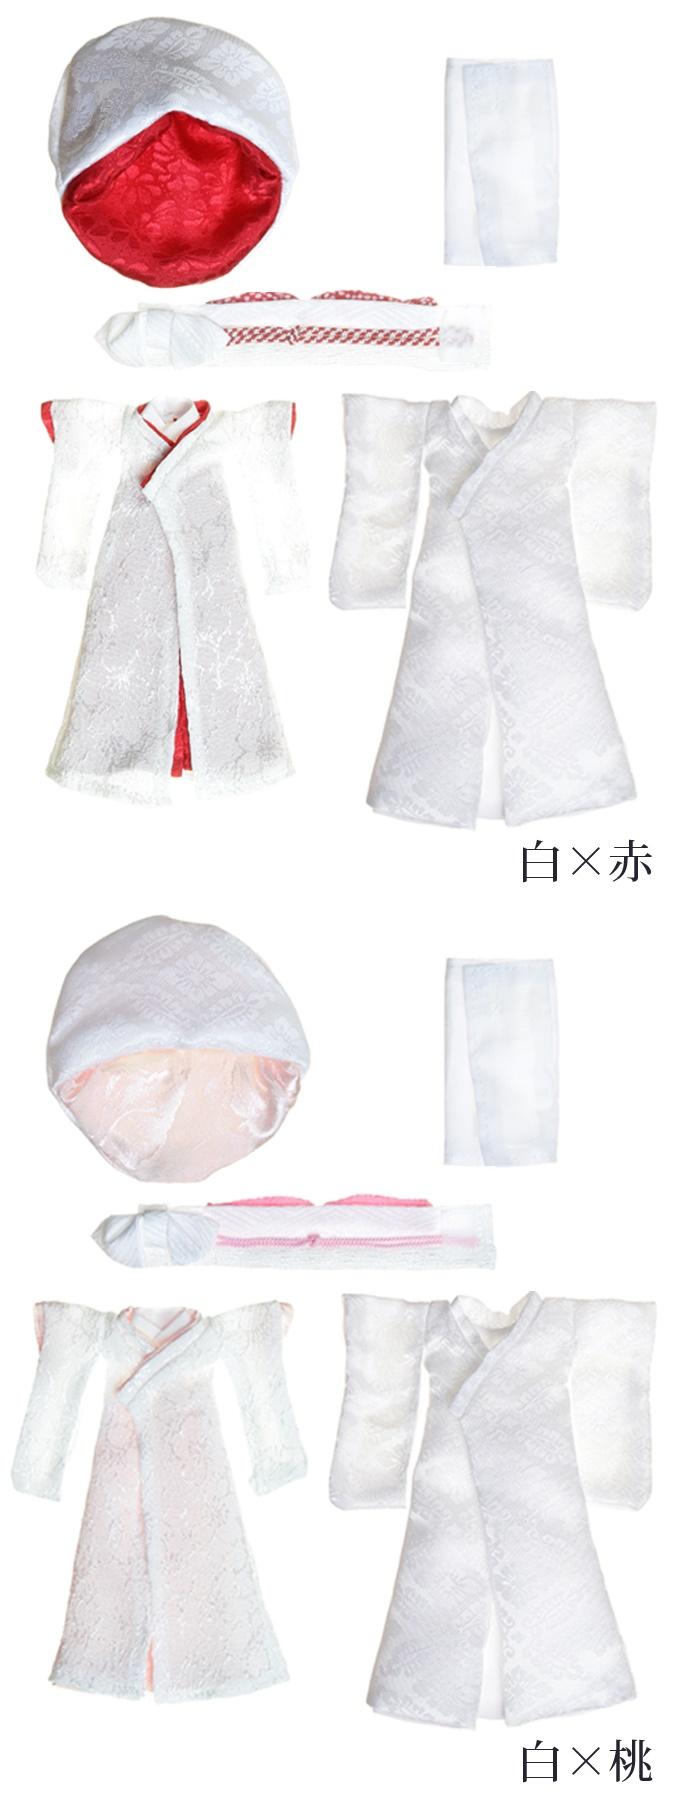 オビツ11用 白無垢セット   11AC-FC010